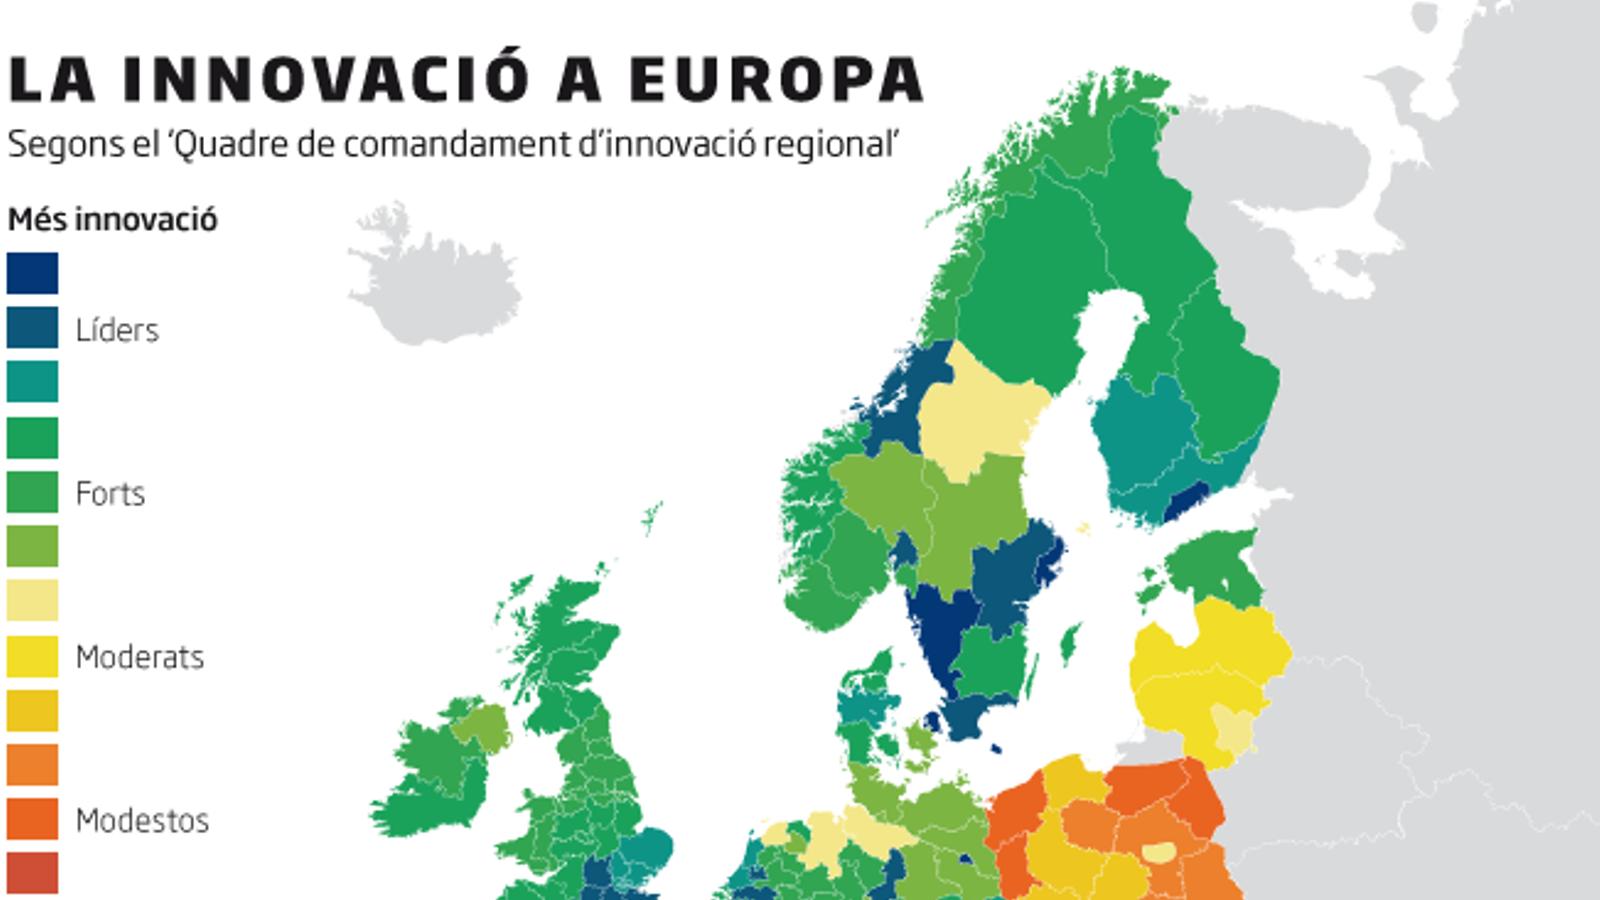 Catalunya queda fora de la primera divisió europea en innovació